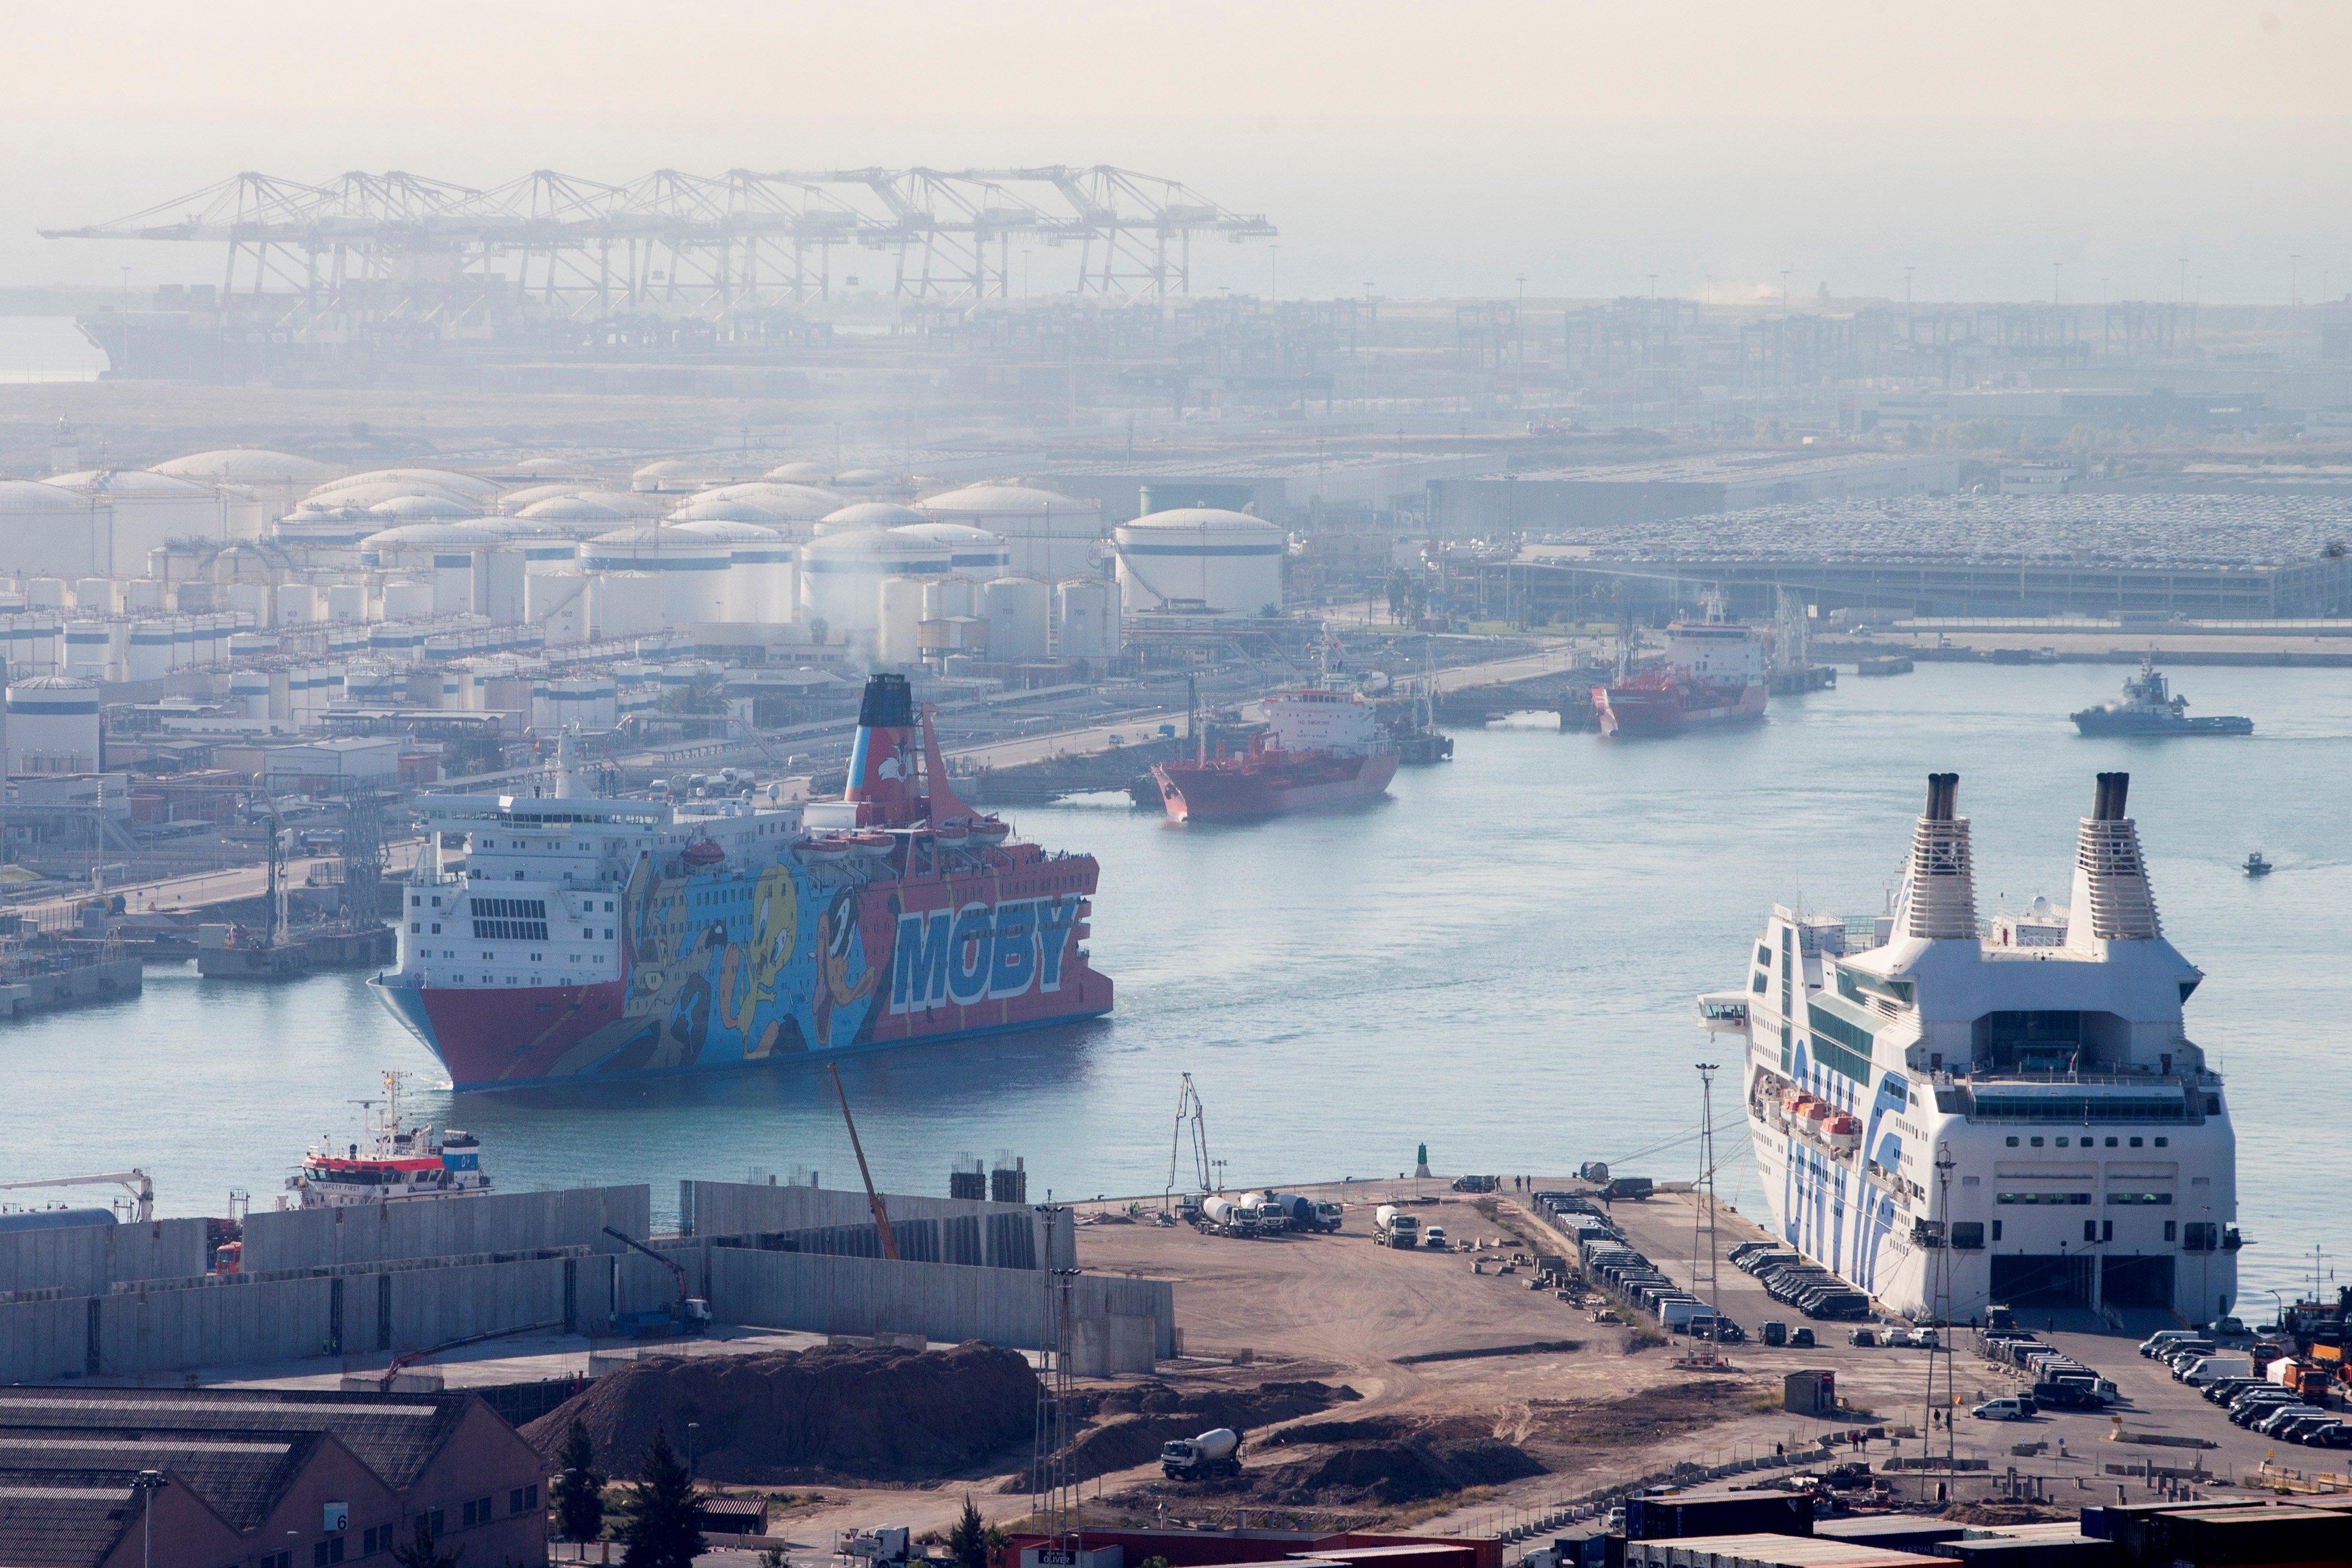 El vaixell de 'Piolín' deixarà el port de Barcelona aquest dijous i els policies passaran a dormir en hotels. /QUIQUE GARCÍA